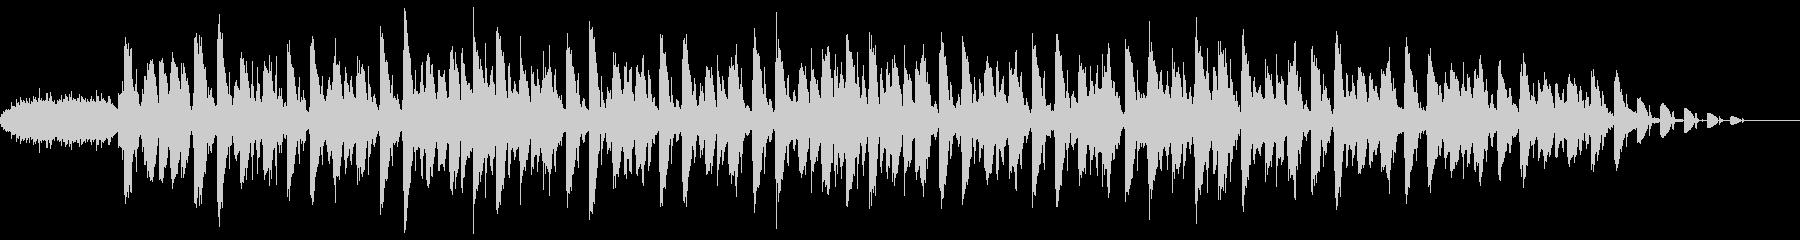 リズミカルなギターサウンドの未再生の波形